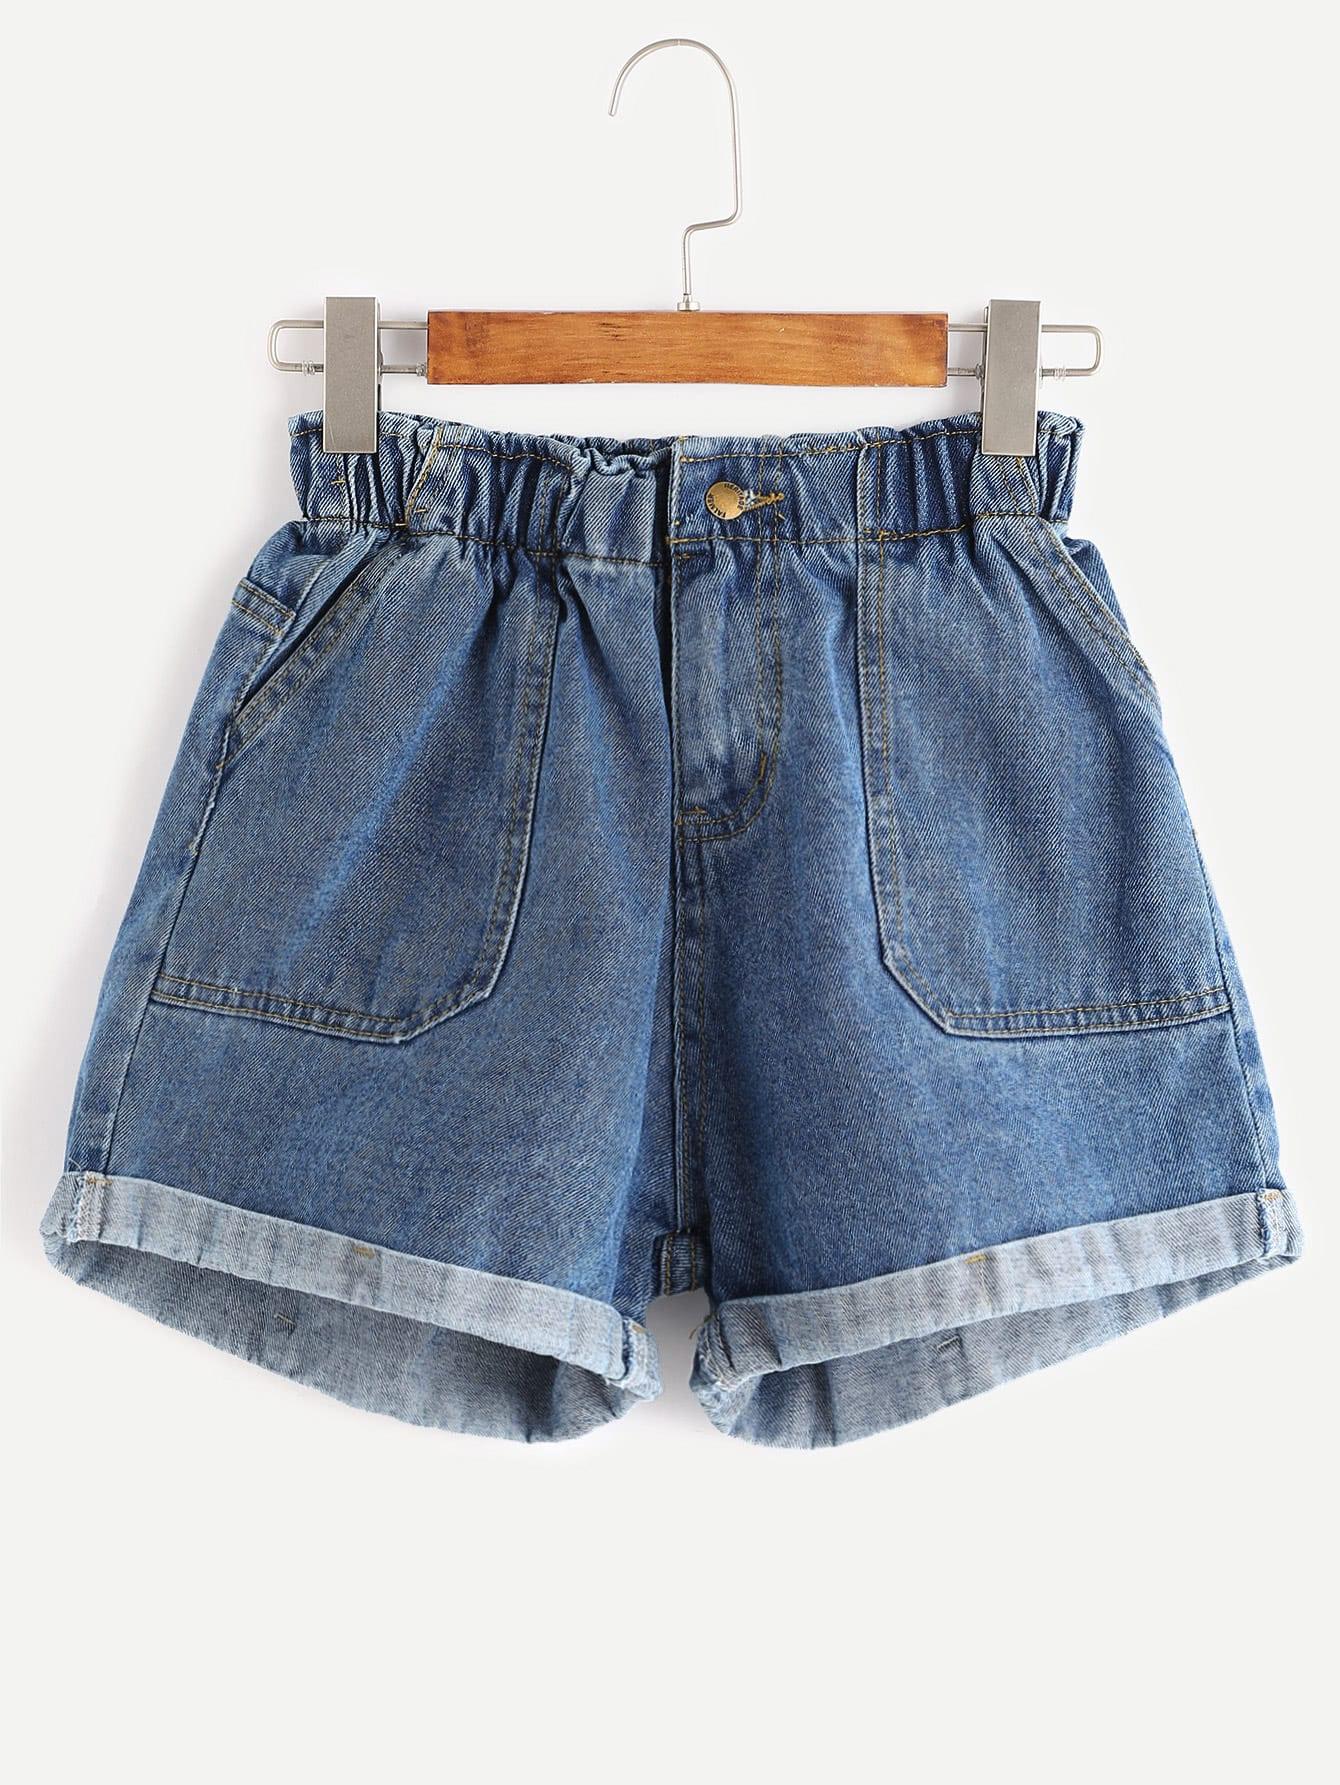 Pocket Rolled Hem Denim Shorts solid rolled hem pants